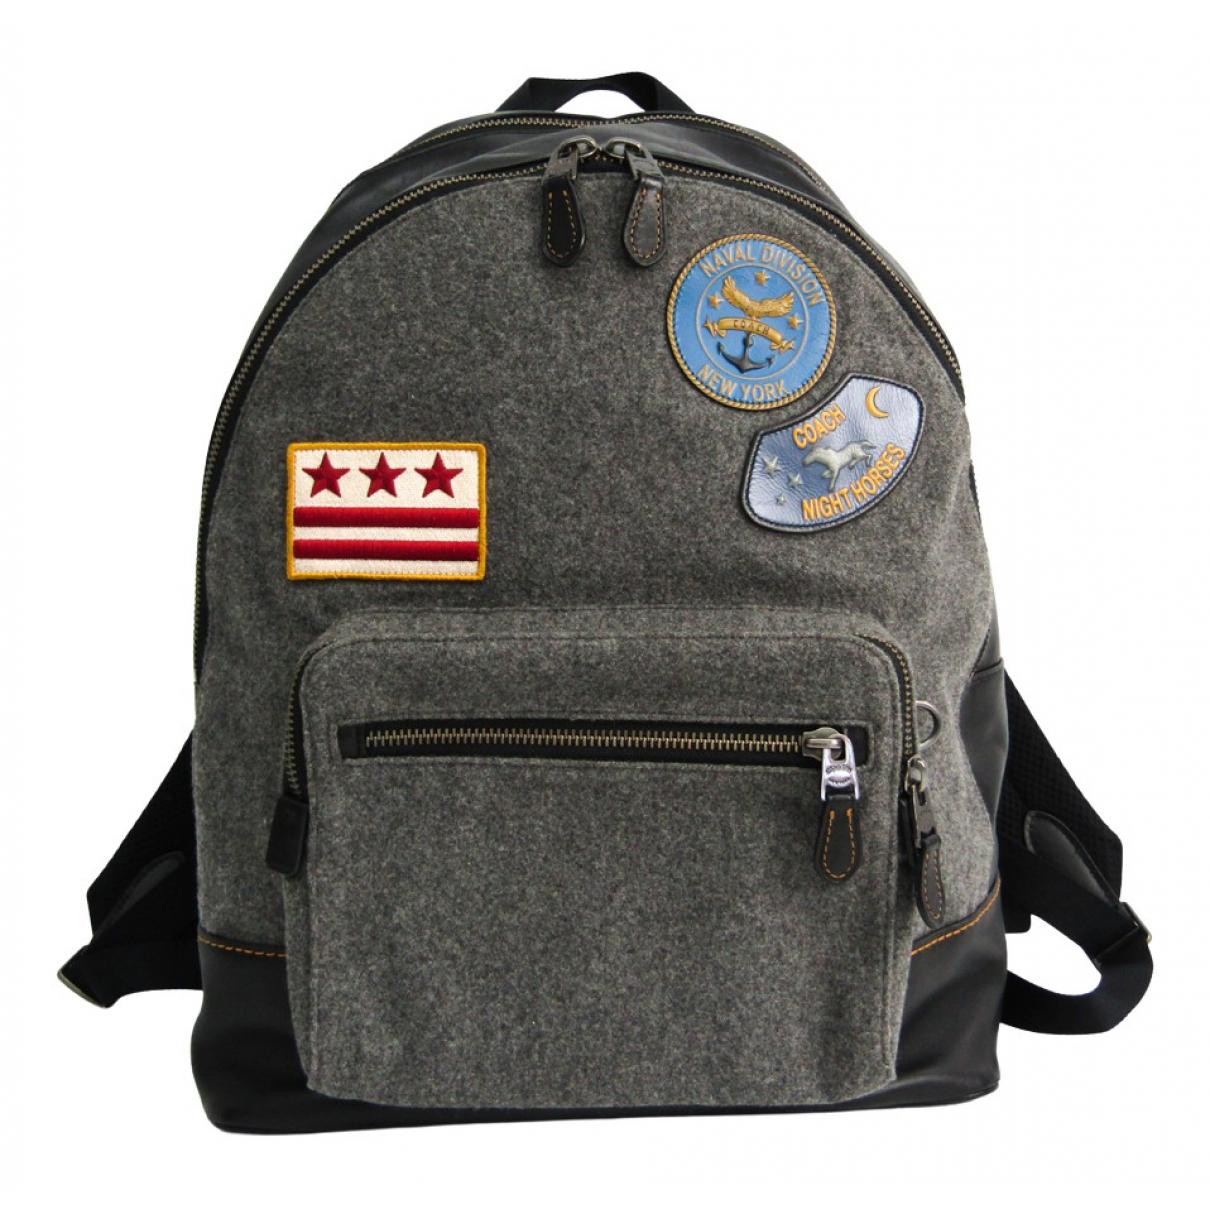 Coach \N Grey Cloth backpack for Women \N